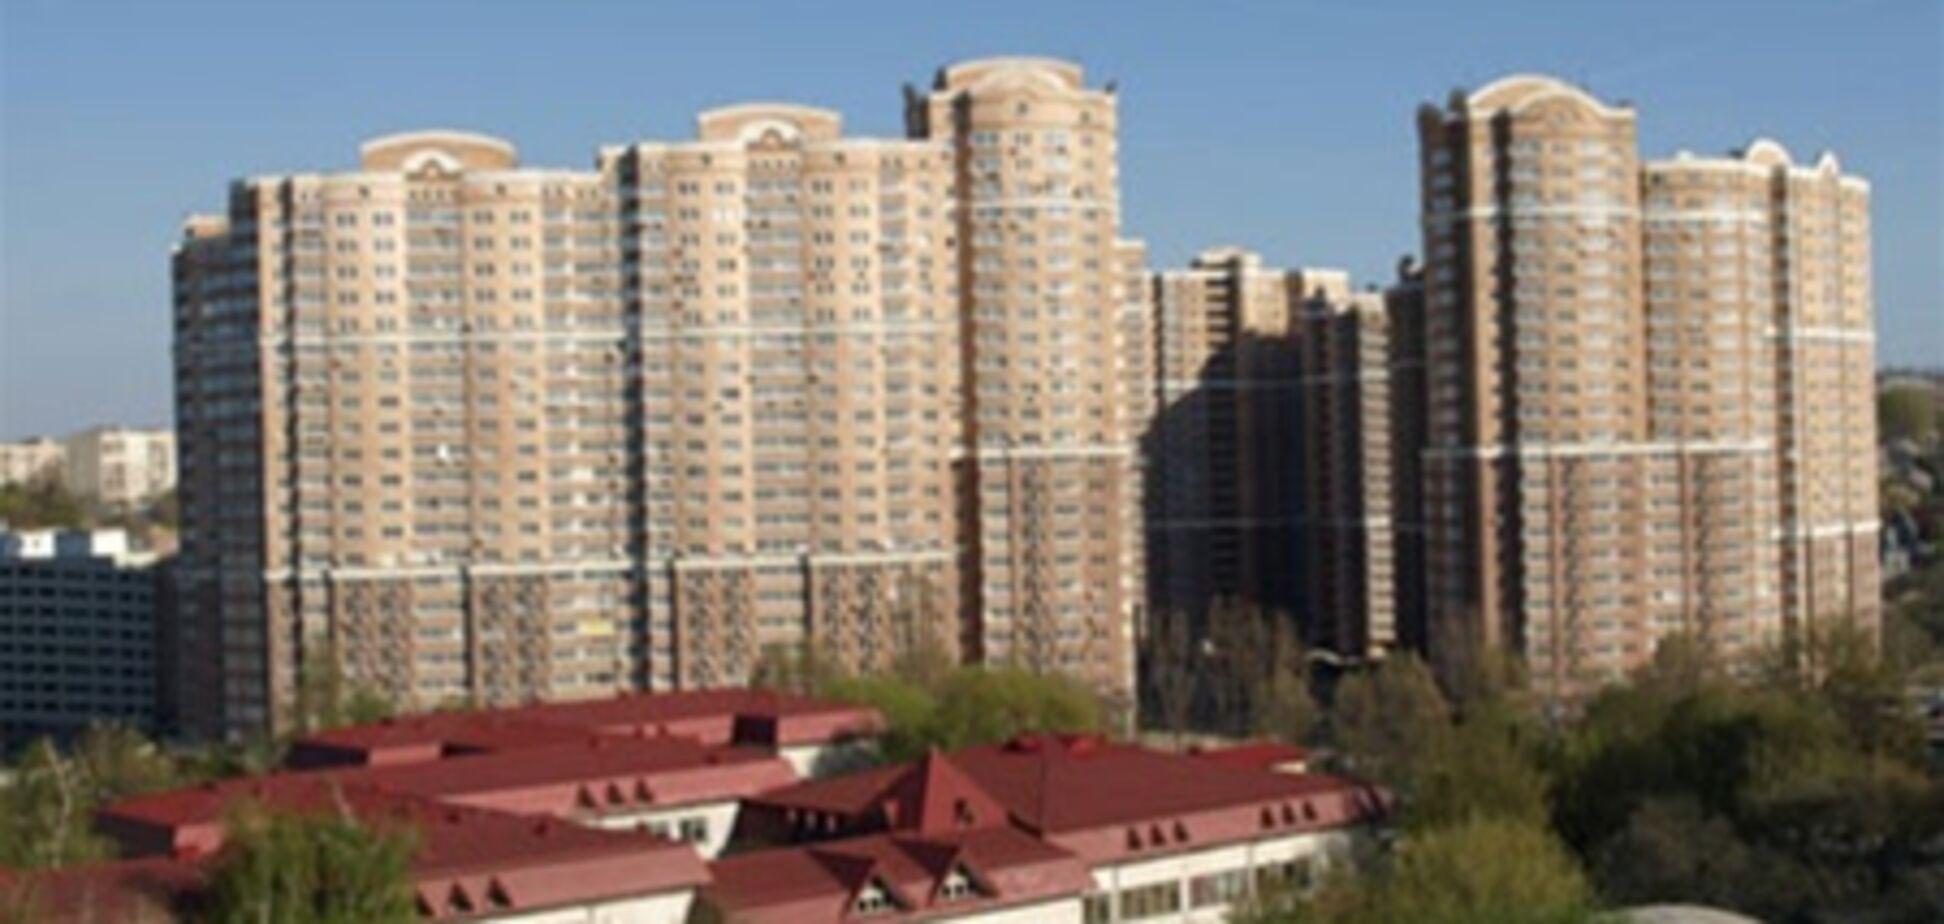 Цены на недвижимость упадут во всем мире - эксперты